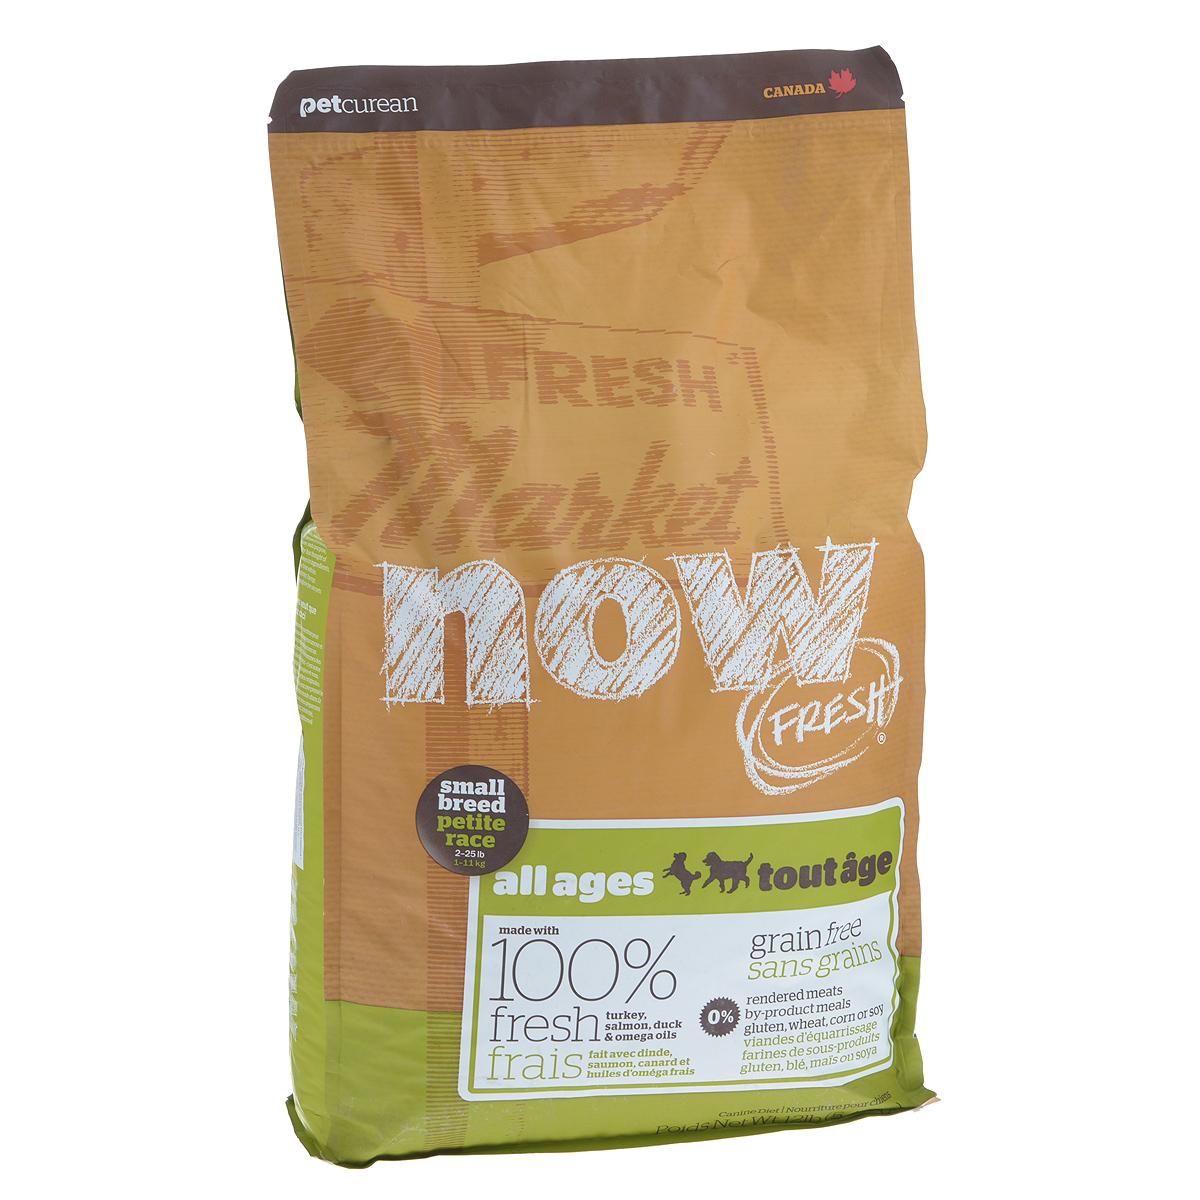 Корм сухой Now Fresh для малых пород собак всех возрастов, беззерновой, с индейкой, уткой и овощами, 5,44 кг10118Now Fresh - полностью сбалансированный холистик корм из свежего филе индейки и утки, выращенных на канадских фермах. Рекомендован для малых пород всех возрастов: для щенков, для взрослых и для активных собак, и для пожилых собак. Это первый беззерновой корм со сбалансированным содержание белков и жиров. Ключевые преимущества: - не содержит субпродуктов, красителей, говядины, мясных ингредиентов, выращенных на гормонах, - гранулы благодаря своей форме бережно очищают зубы, люцерна в составе корма освежает дыхание, - пробиотики и пребиотики обеспечивают здоровое пищеварение, - маленький размер гранул способствует лучшему захвату корма, - докозагексаеновая кислота (DHA) и эйкозапентаеновая кислота (EPA) необходима для нормальной деятельности мозга и здорового зрения, - омега-масла в составе необходимы для здоровой кожи и шерсти, - антиоксиданты укрепляют иммунную систему. Состав: филе индейки, картофель, свежие цельные яйца, горох, льняное семя, яблоки, масло канолы (источник витамина Е), натуральный ароматизатор, утиное филе, филе лосося, кокосовое масло (источник витамина Е), томаты, сушеная люцерна, морковь, тыква, бананы, черника, клюква, малина, ежевика, папайя, ананас, грейпфрут, чечевица, брокколи, шпинат, творог, ростки люцерны, сушеные водоросли, карбонат кальция, дикальций фосфат, лецитин, триполифосфата натрия, хлорид натрия, хлористый калий, витамины (витамин Е, L-аскорбил-2-полифосфатов (источник витамина С), никотиновая кислота, инозит, витамин А, тиамина мононитрат, пантотенатD-кальция, пиридоксина гидрохлорид, рибофлавин, бета-каротин, витамин D3, фолиевая кислота, биотин, витамин В12), минералы (цинка протеинат, сульфат железа, оксид цинка, железа протеинат, сульфат меди, меди протеинат, марганца протеинат, оксид марганца, йодат кальция, селена, дрожжи), таурин, DL-метионин, L-лизин, экстракт водорослей, высушенный корень цикория, Lactobacil